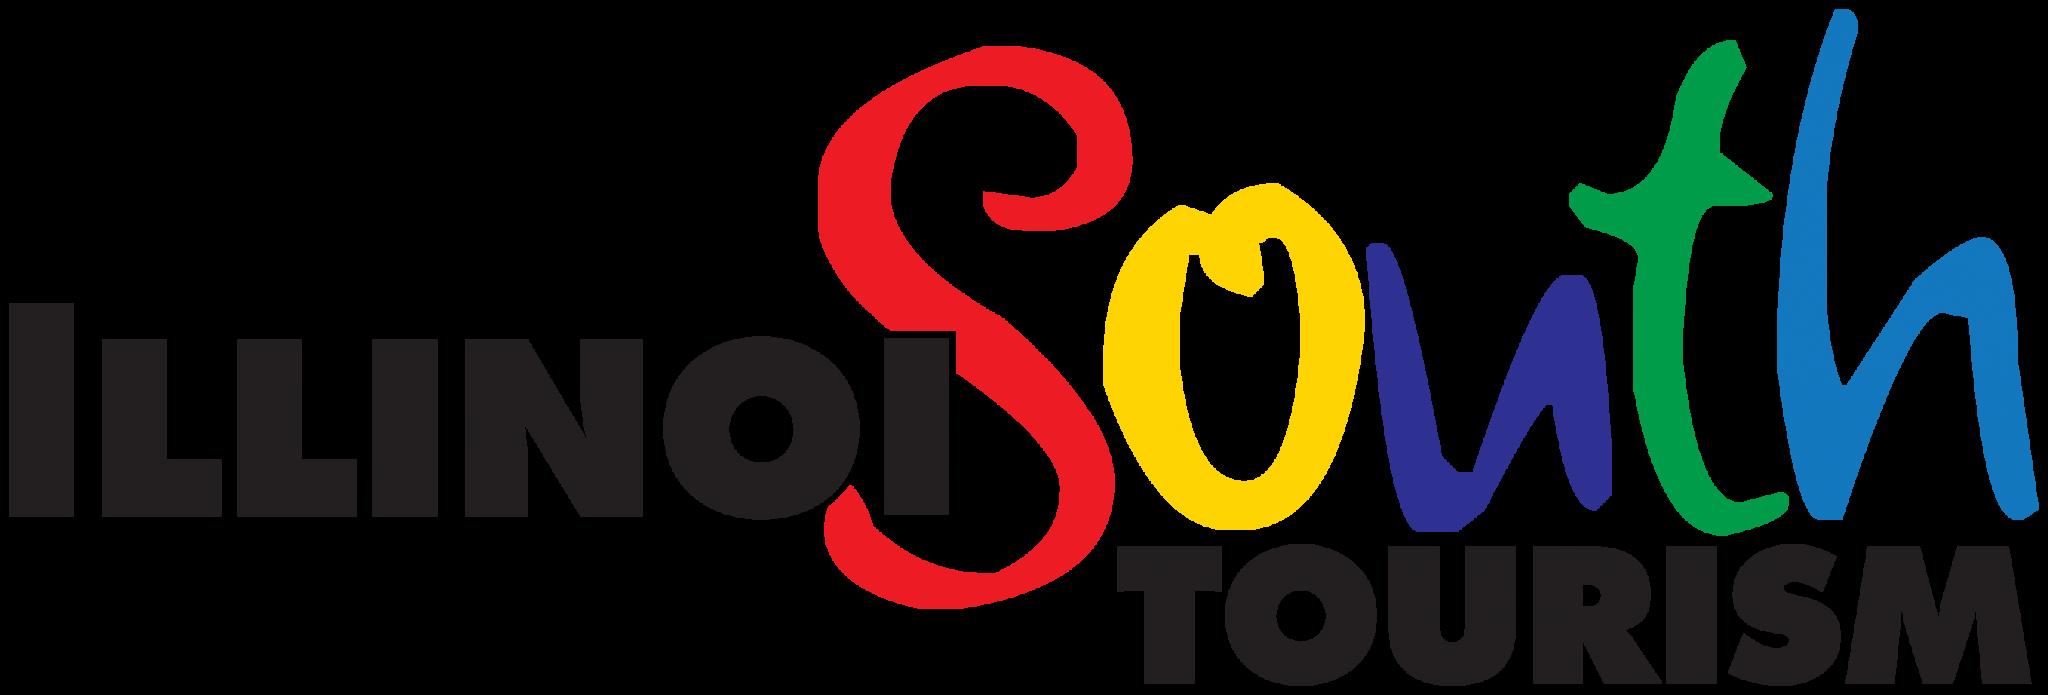 ILLINOISouth Tourism Logo